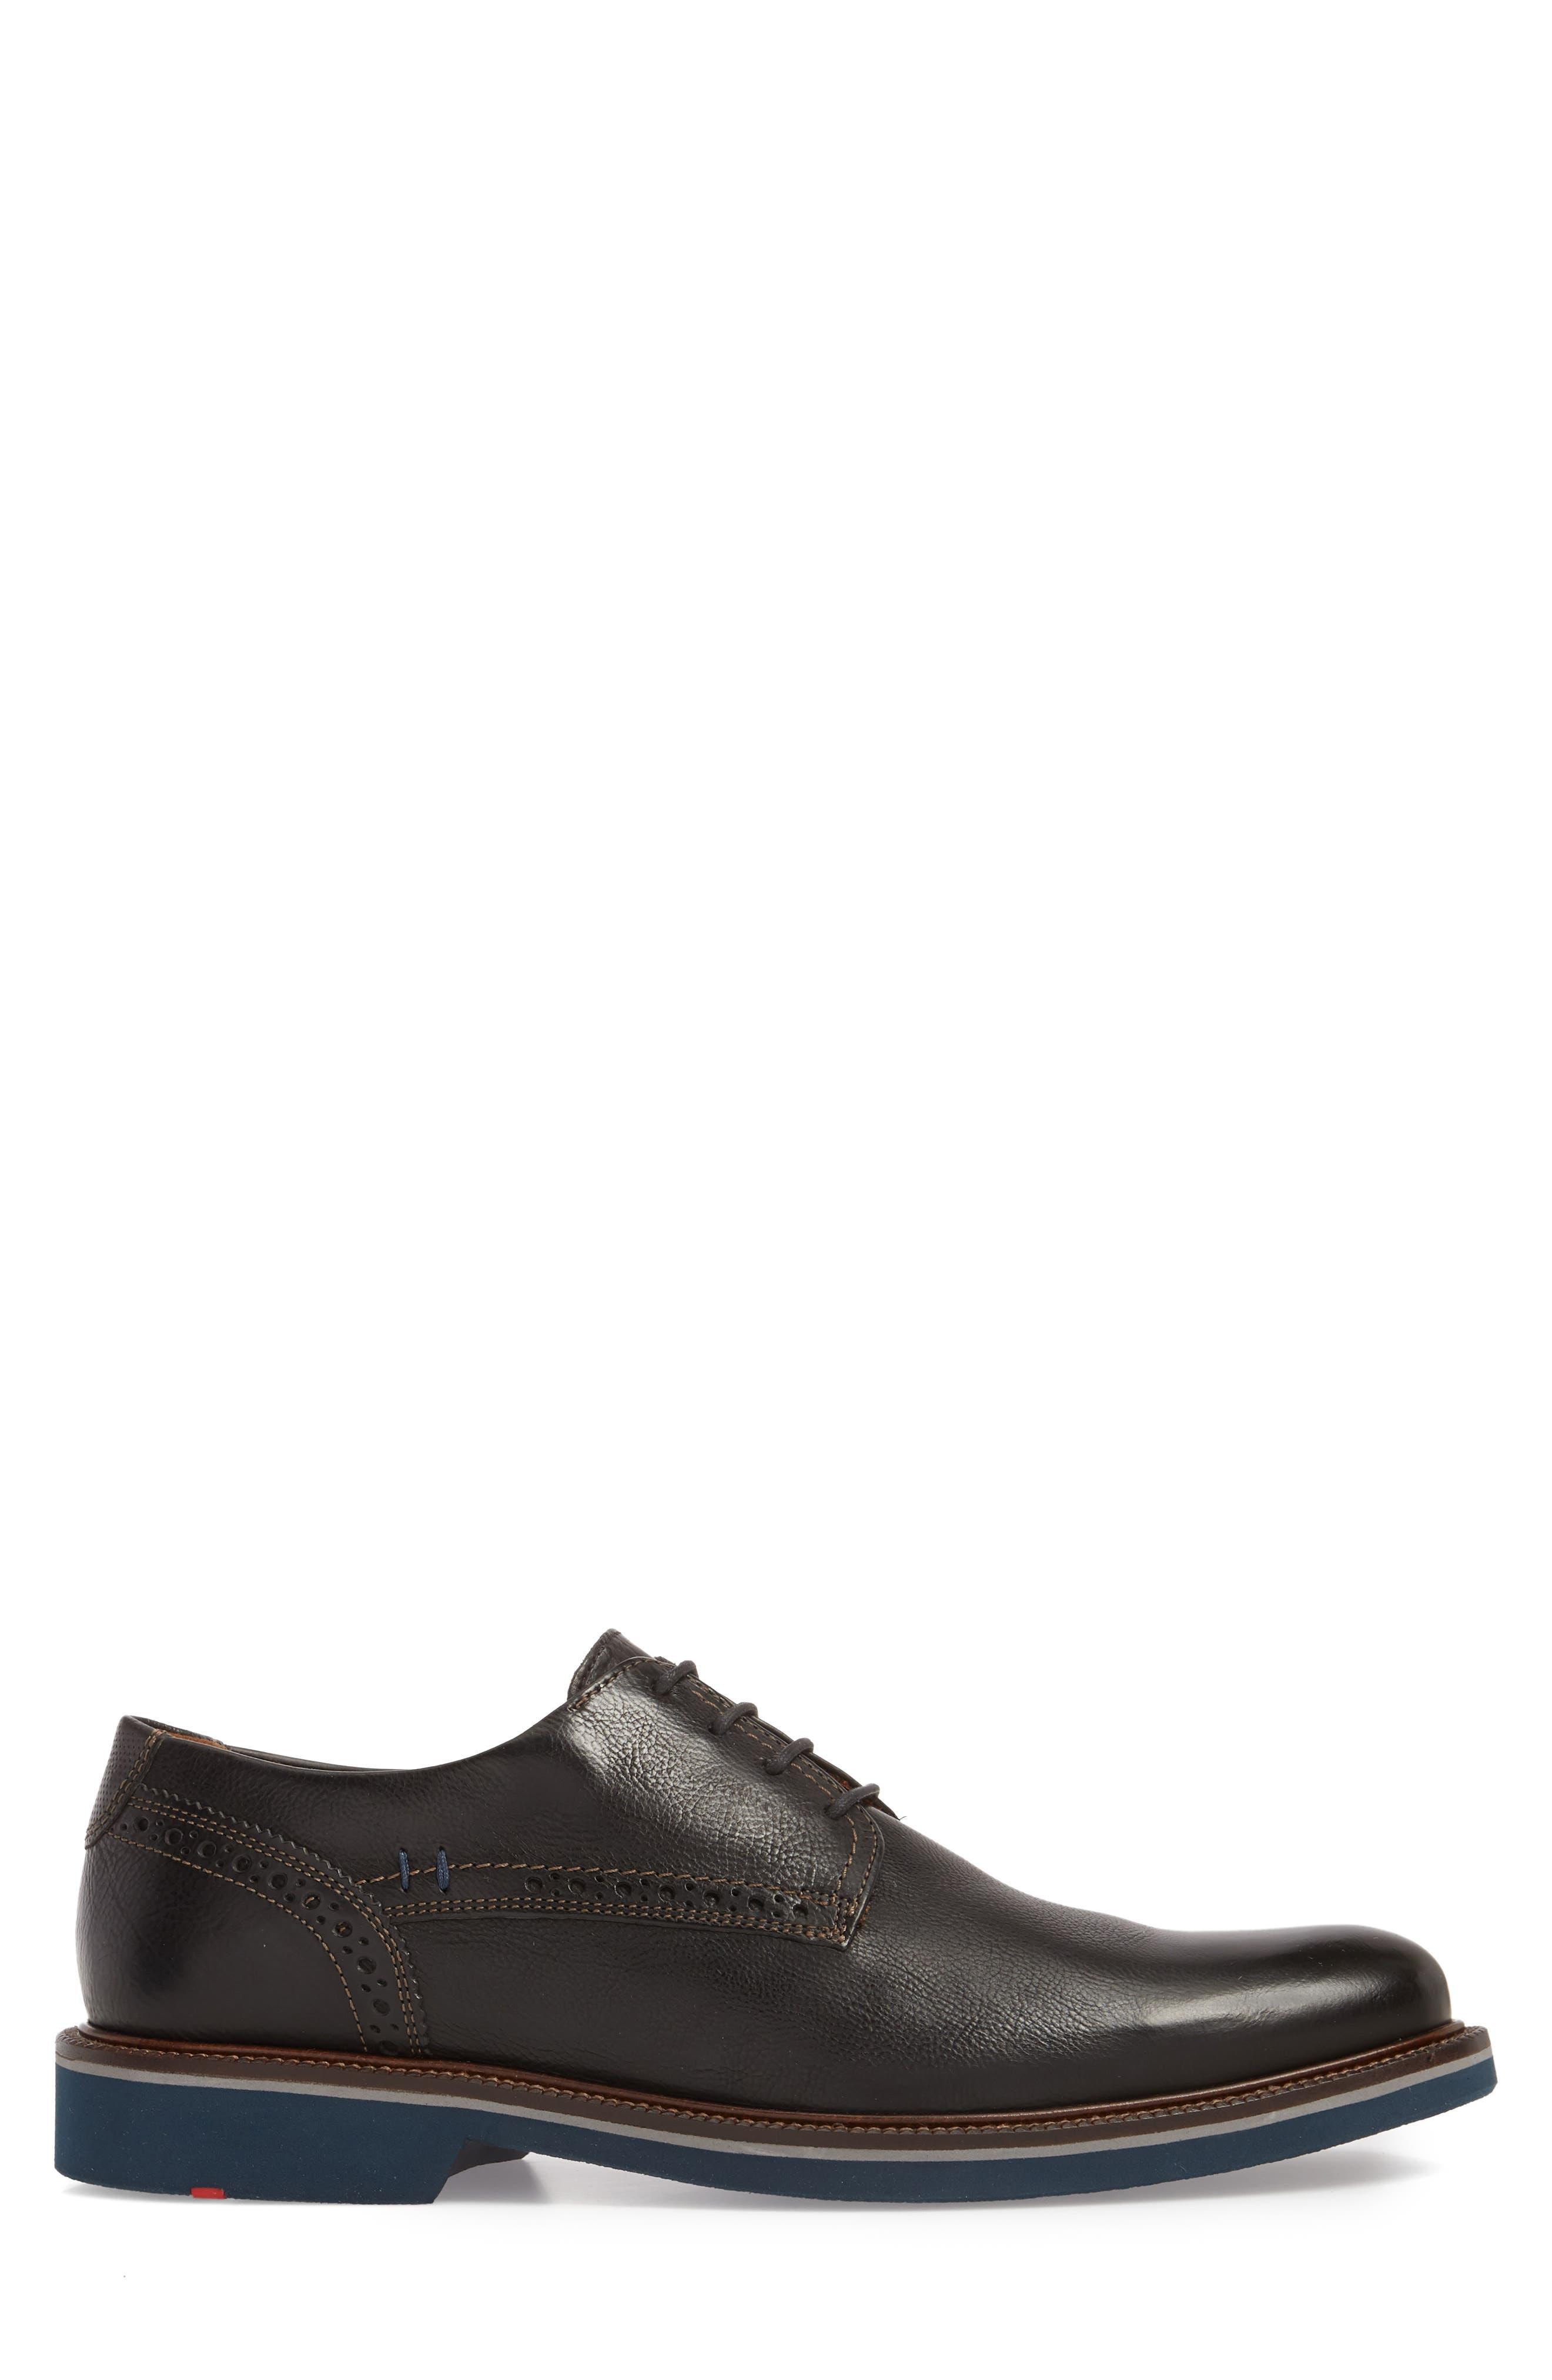 Hagen Plain Toe Derby,                             Alternate thumbnail 3, color,                             Black Leather